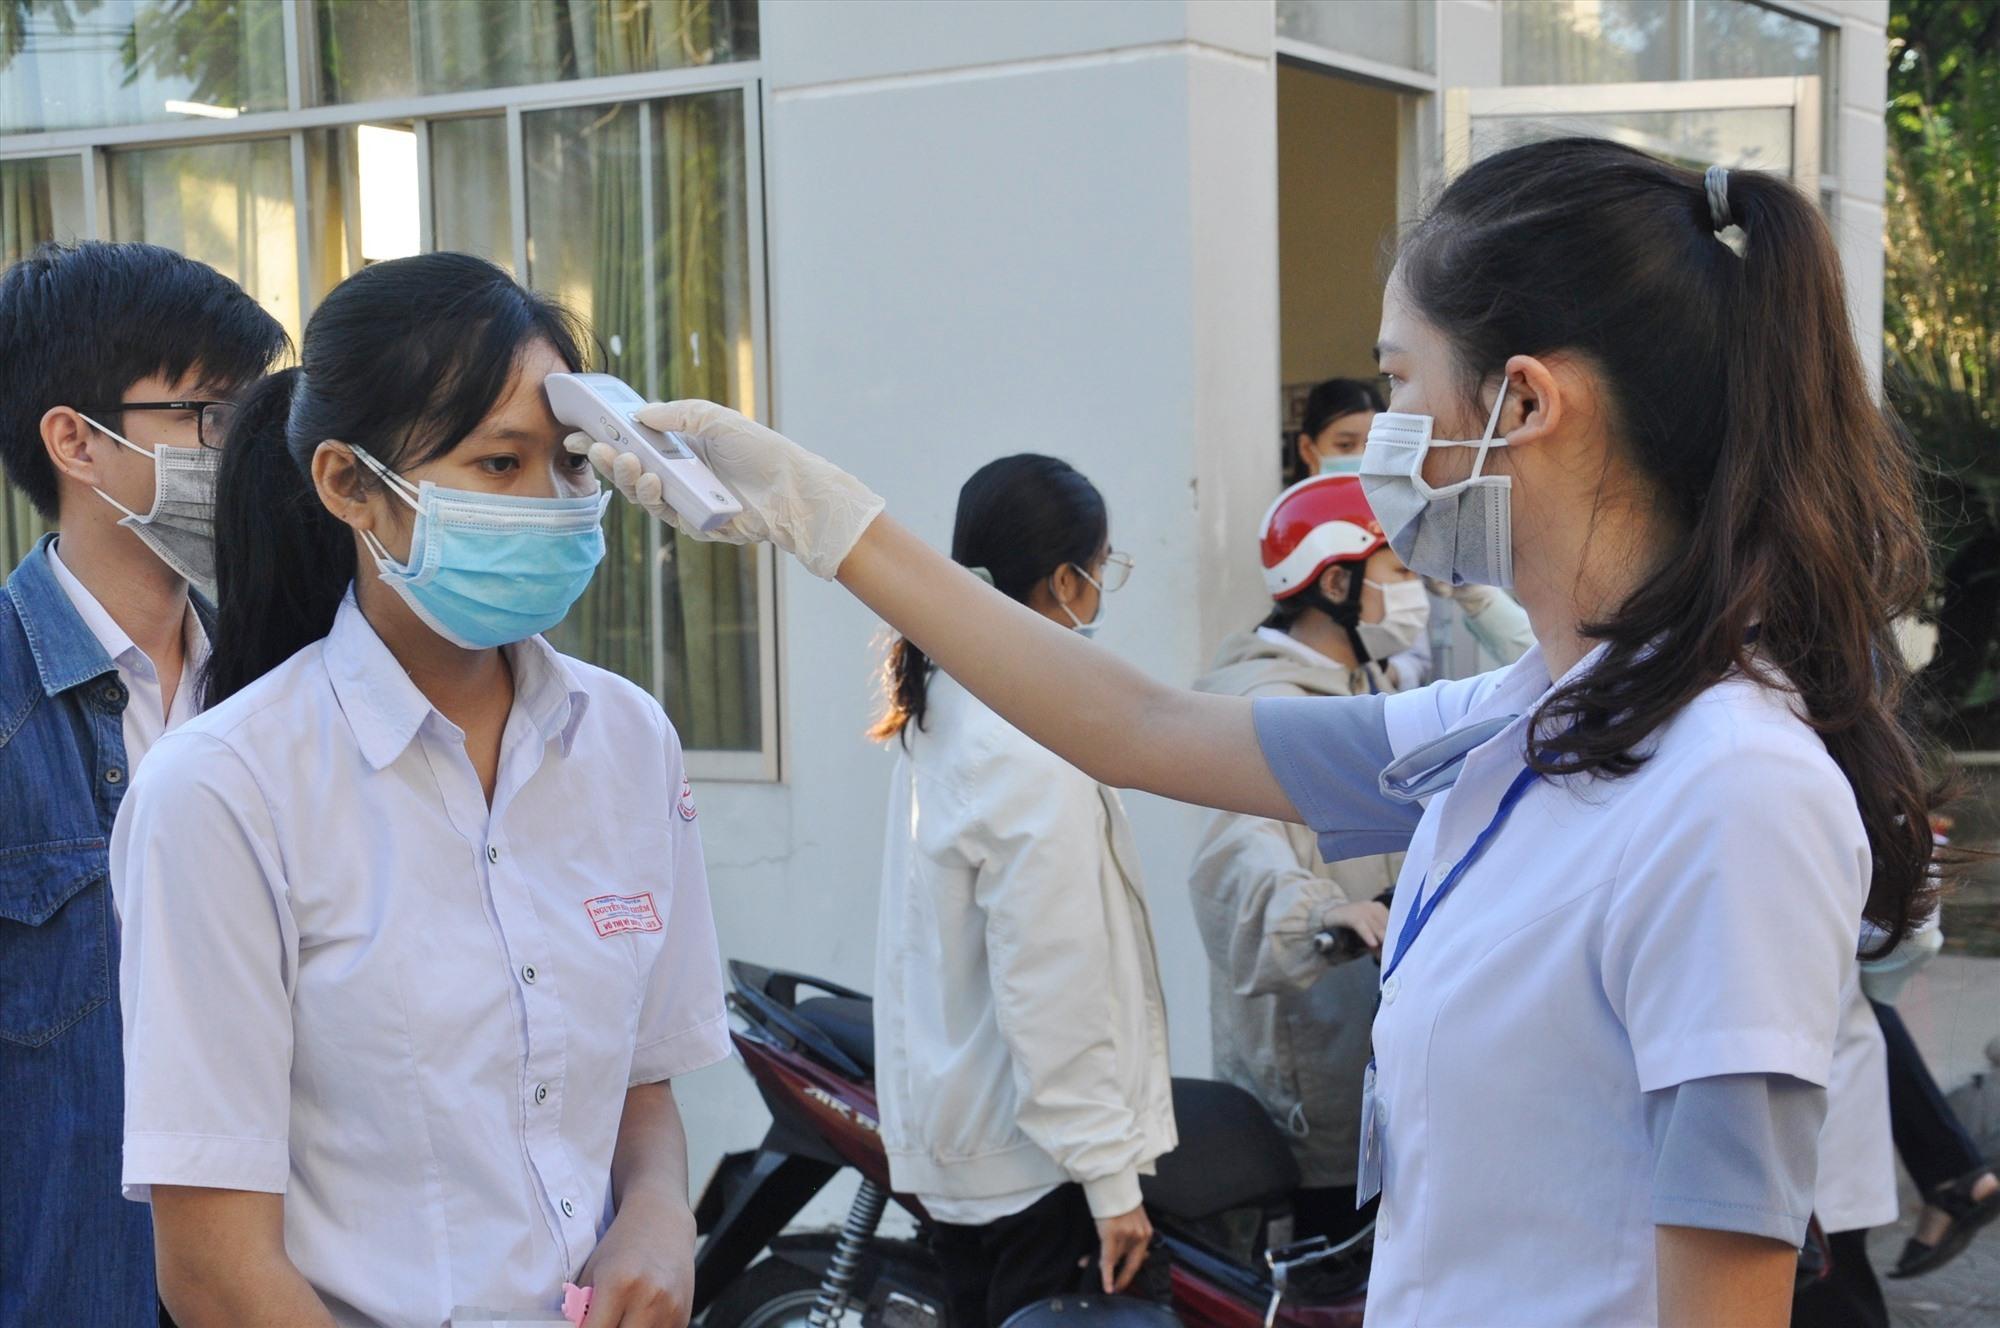 Đo thân nhiệt các TS tại Trường THPT chuyên Nguyễn Bỉnh Khiêm. Ảnh: X.P